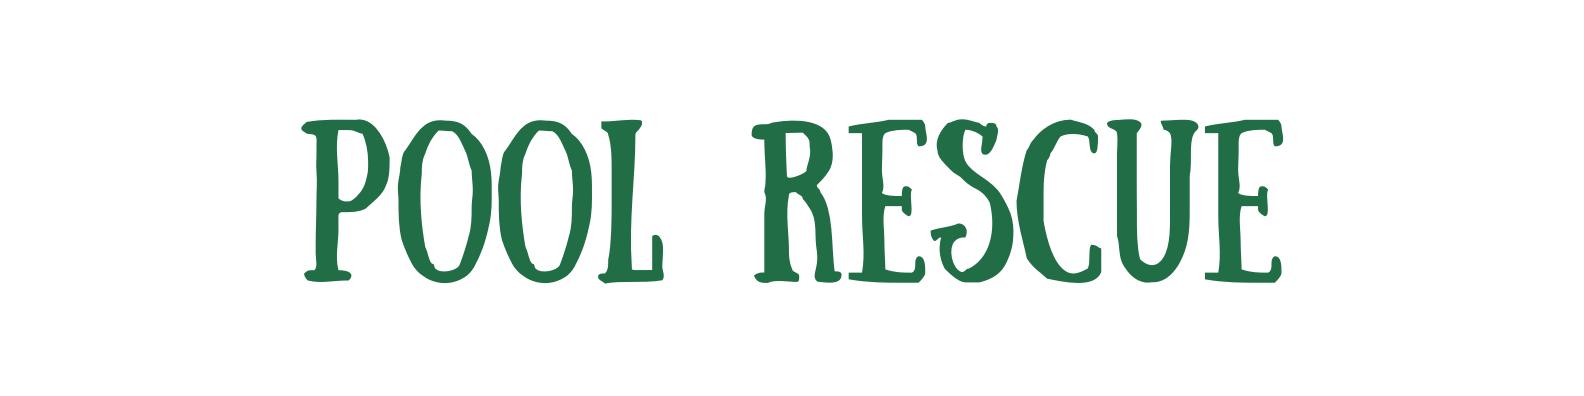 Green and Cream Brushstroke Assistant Professor LinkedIn Banner (24)